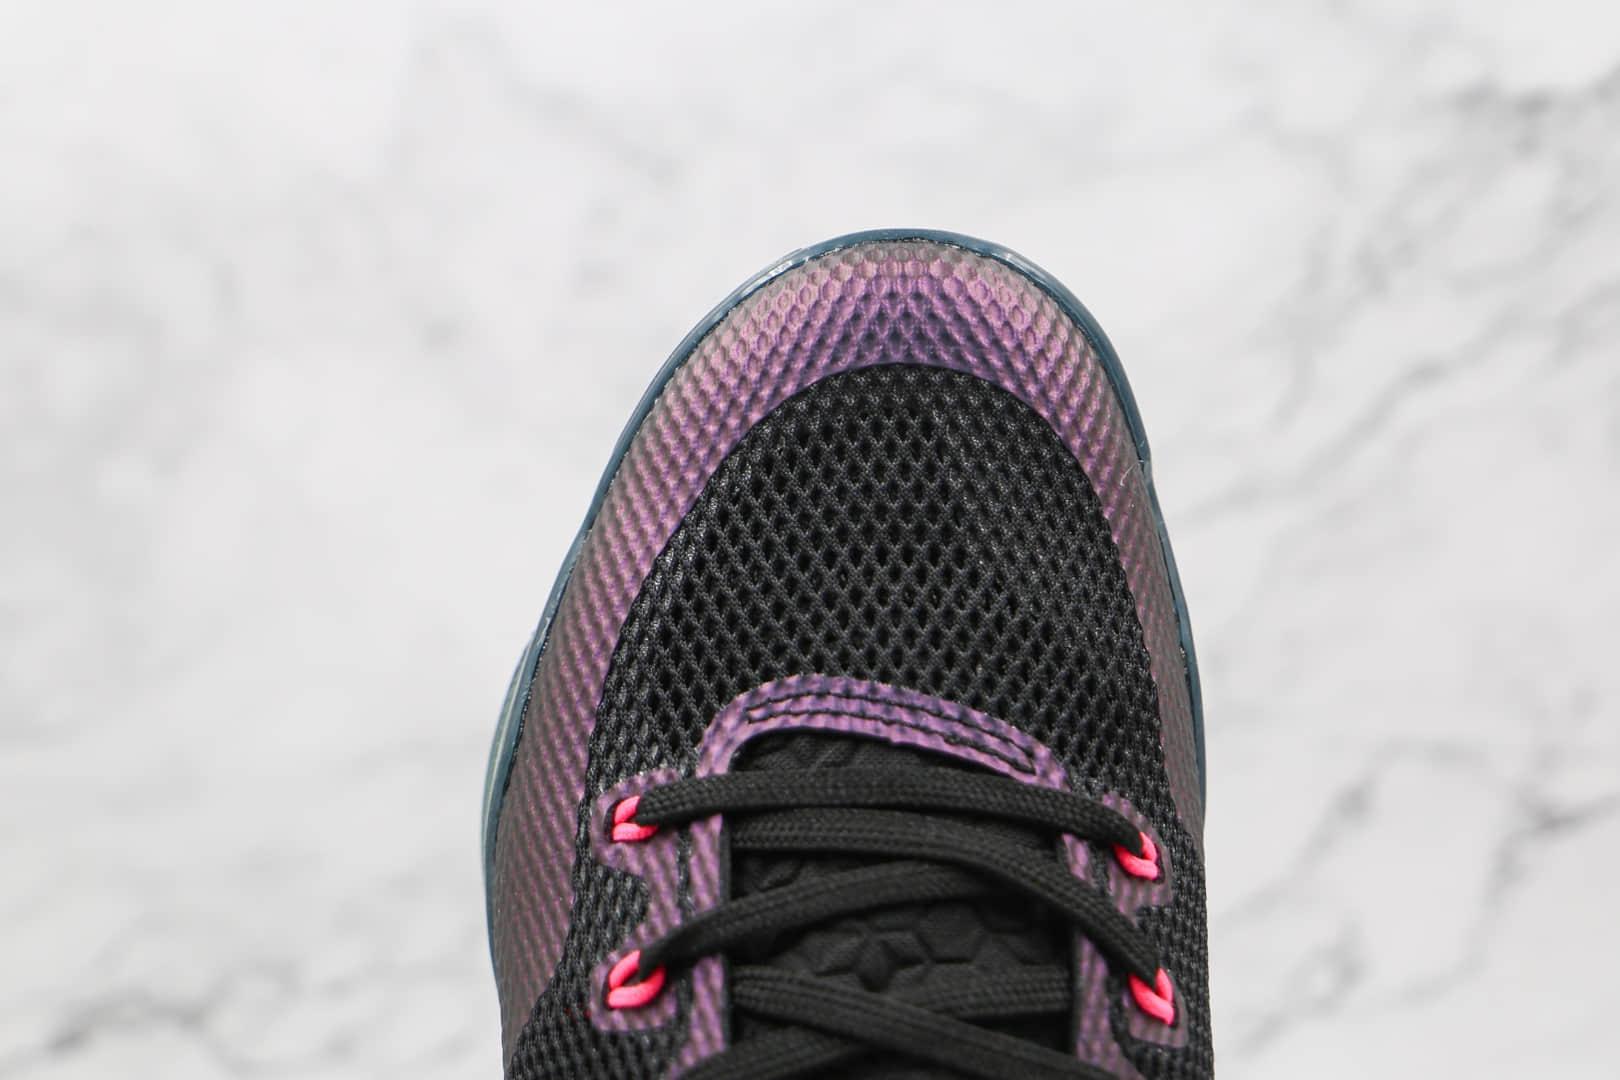 耐克Nike Kobe 11 EM Low Invisibility Cloak纯原版本科比11代3M黑紫色篮球鞋内置气垫支持实战 货号:836183-005